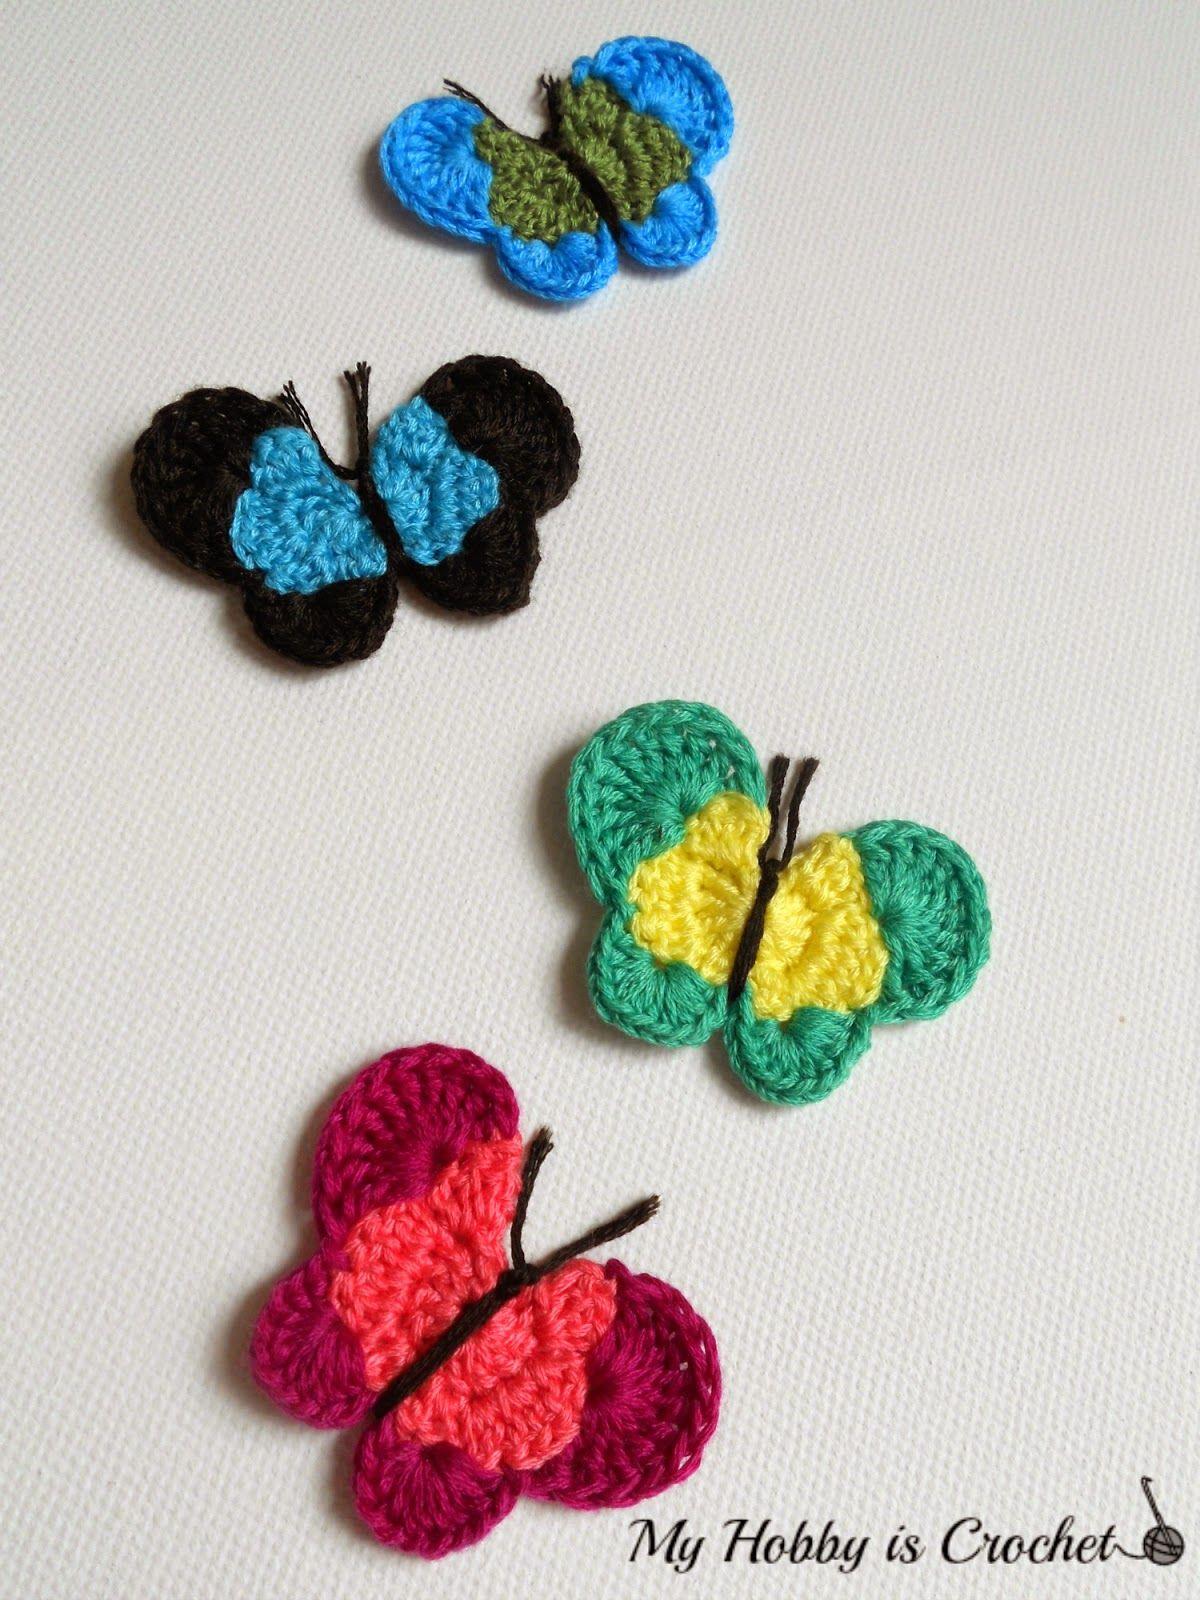 Crochet Butterfly Applique Free Crochet Pattern Review | Crochet ...